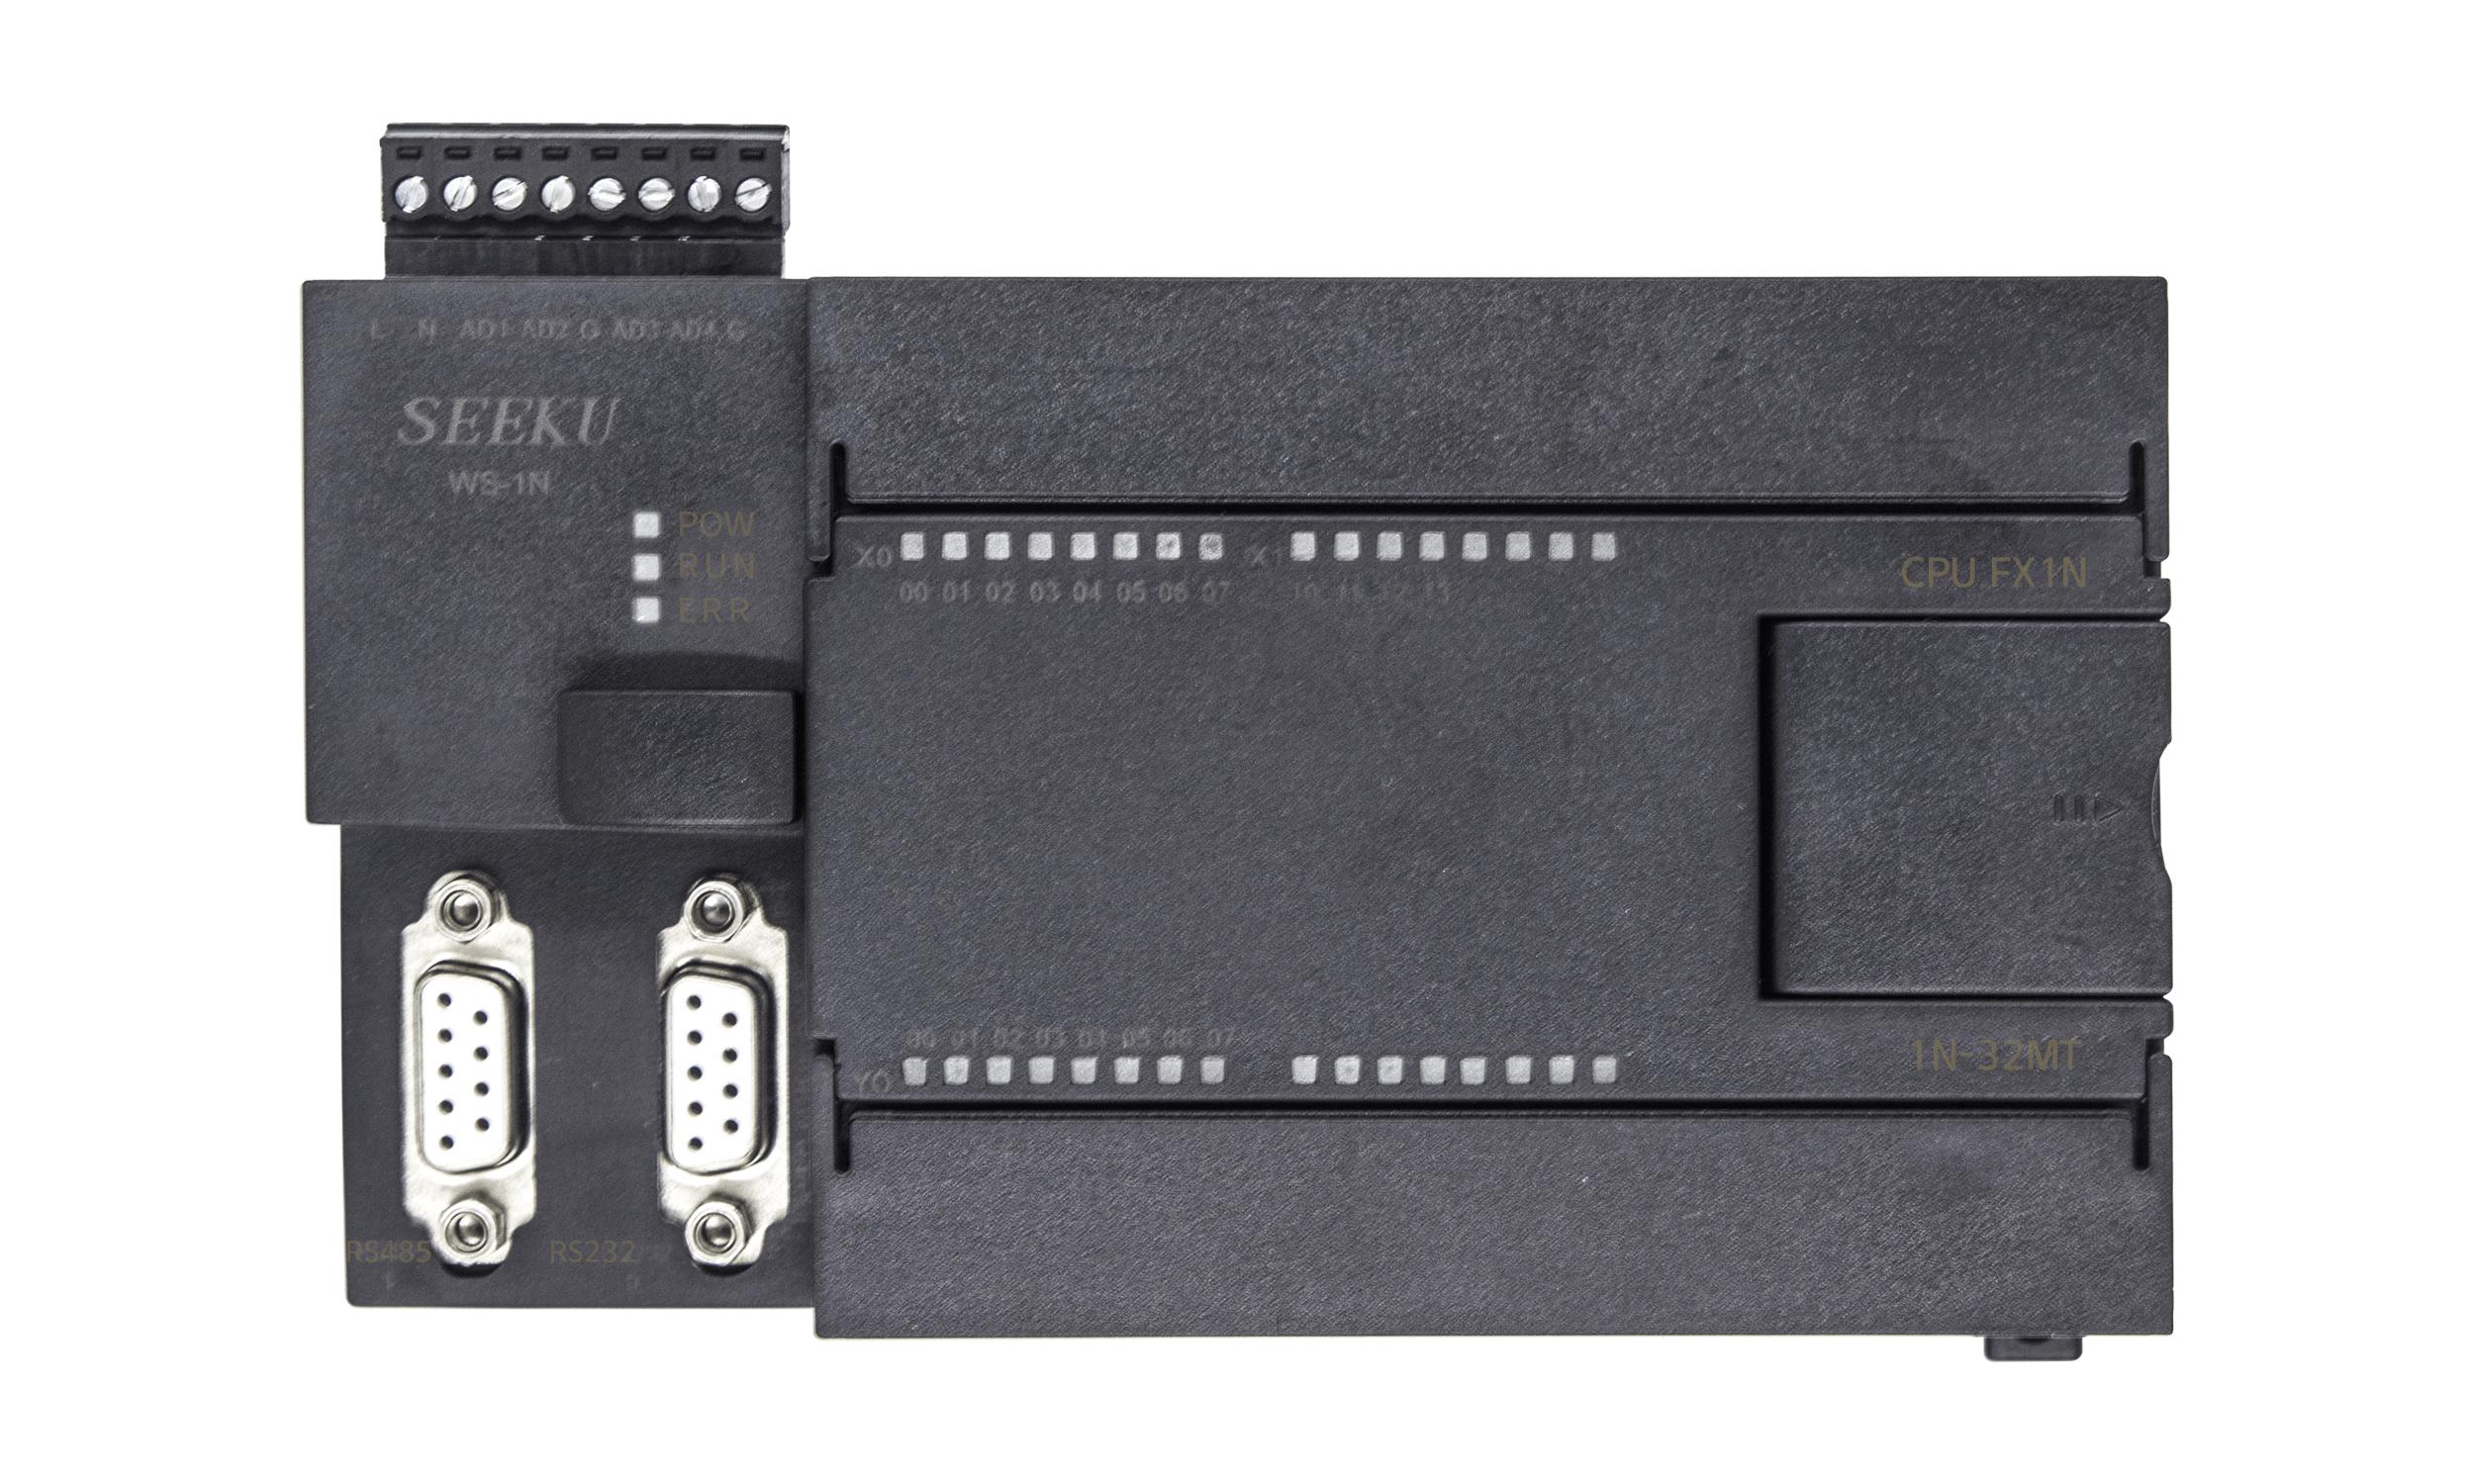 為勝智控FX3U-32MTPLC工控板2AD2DA銷售